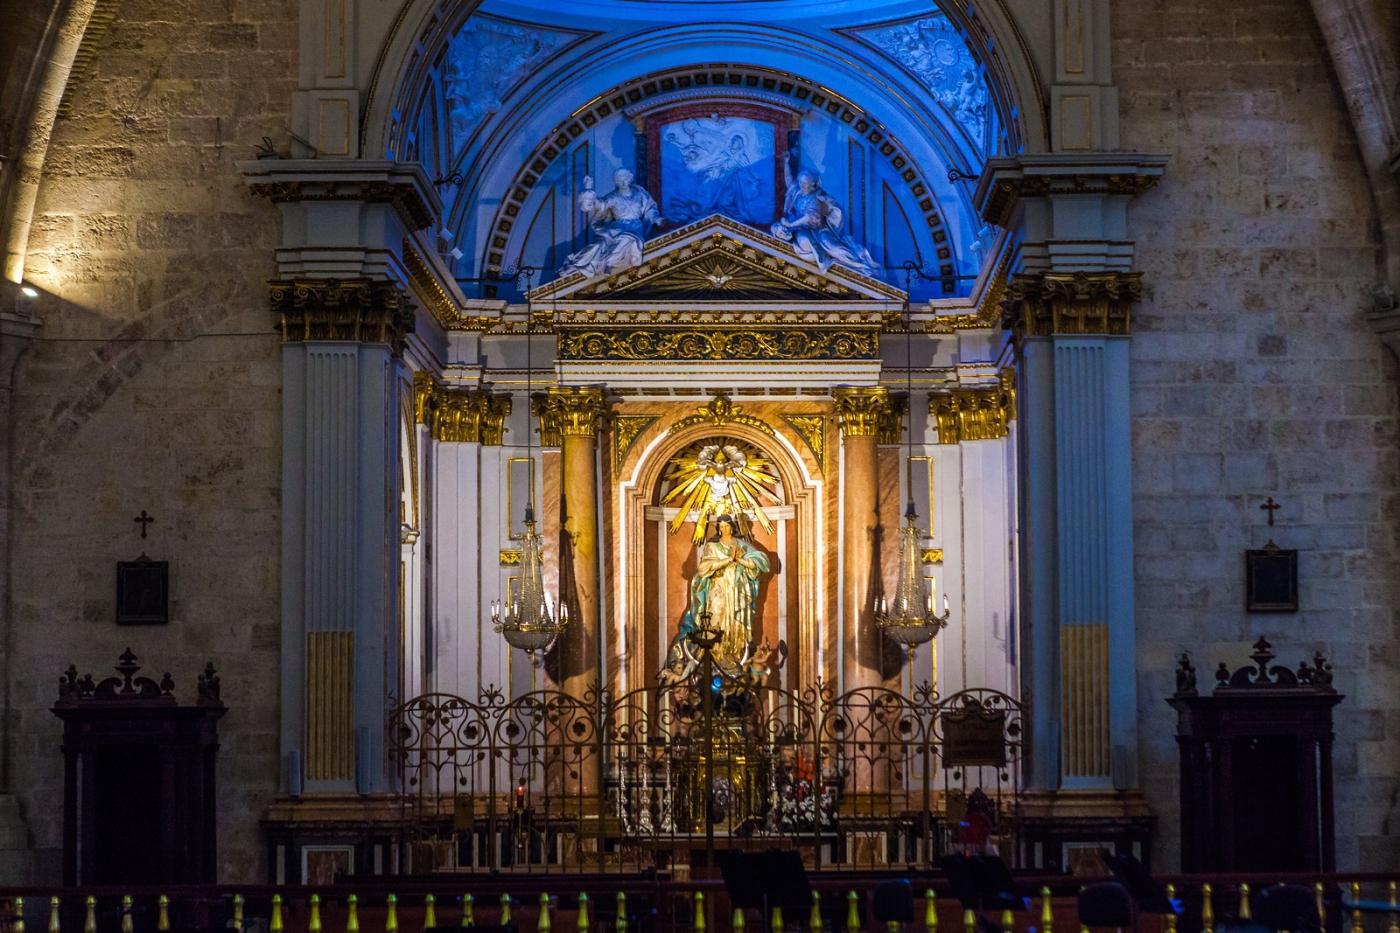 西班牙巴倫西亞主教堂,越看越喜歡_圖1-10